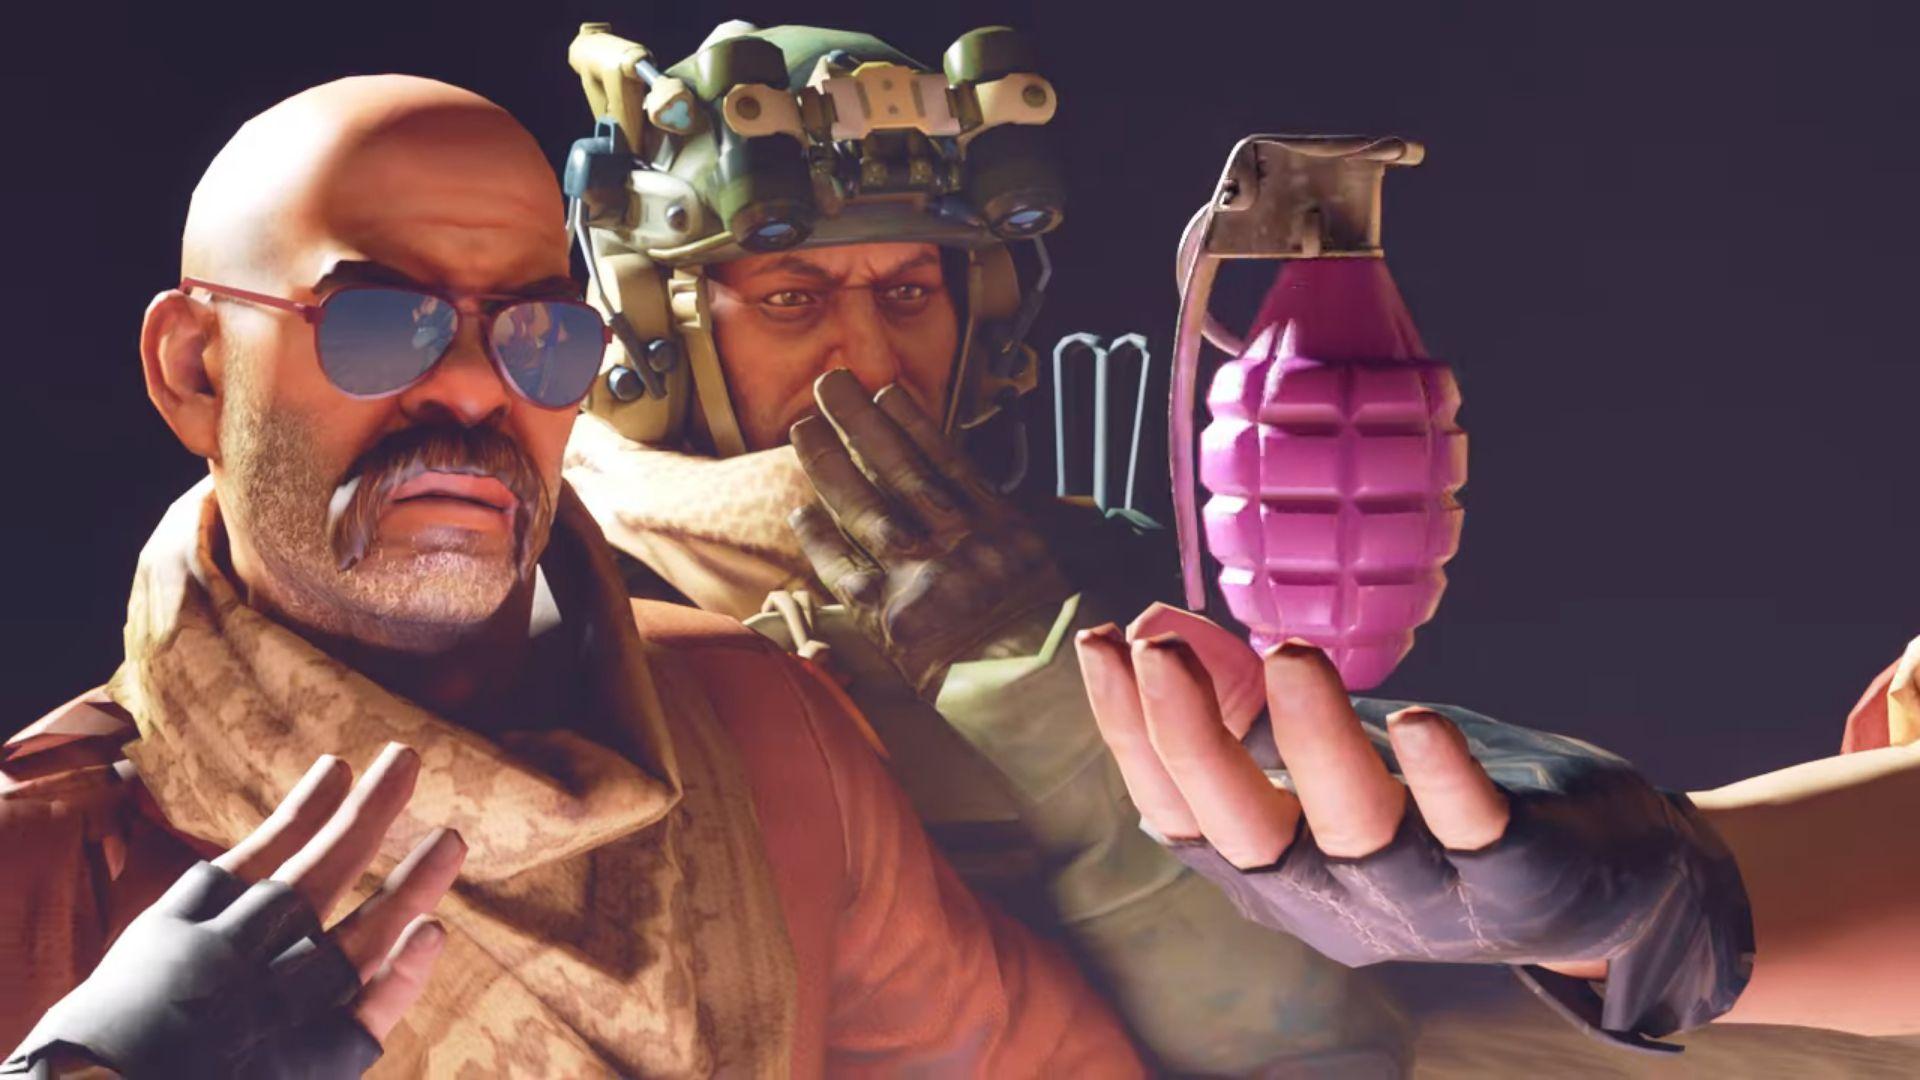 Two men gasp at a magenta grenade